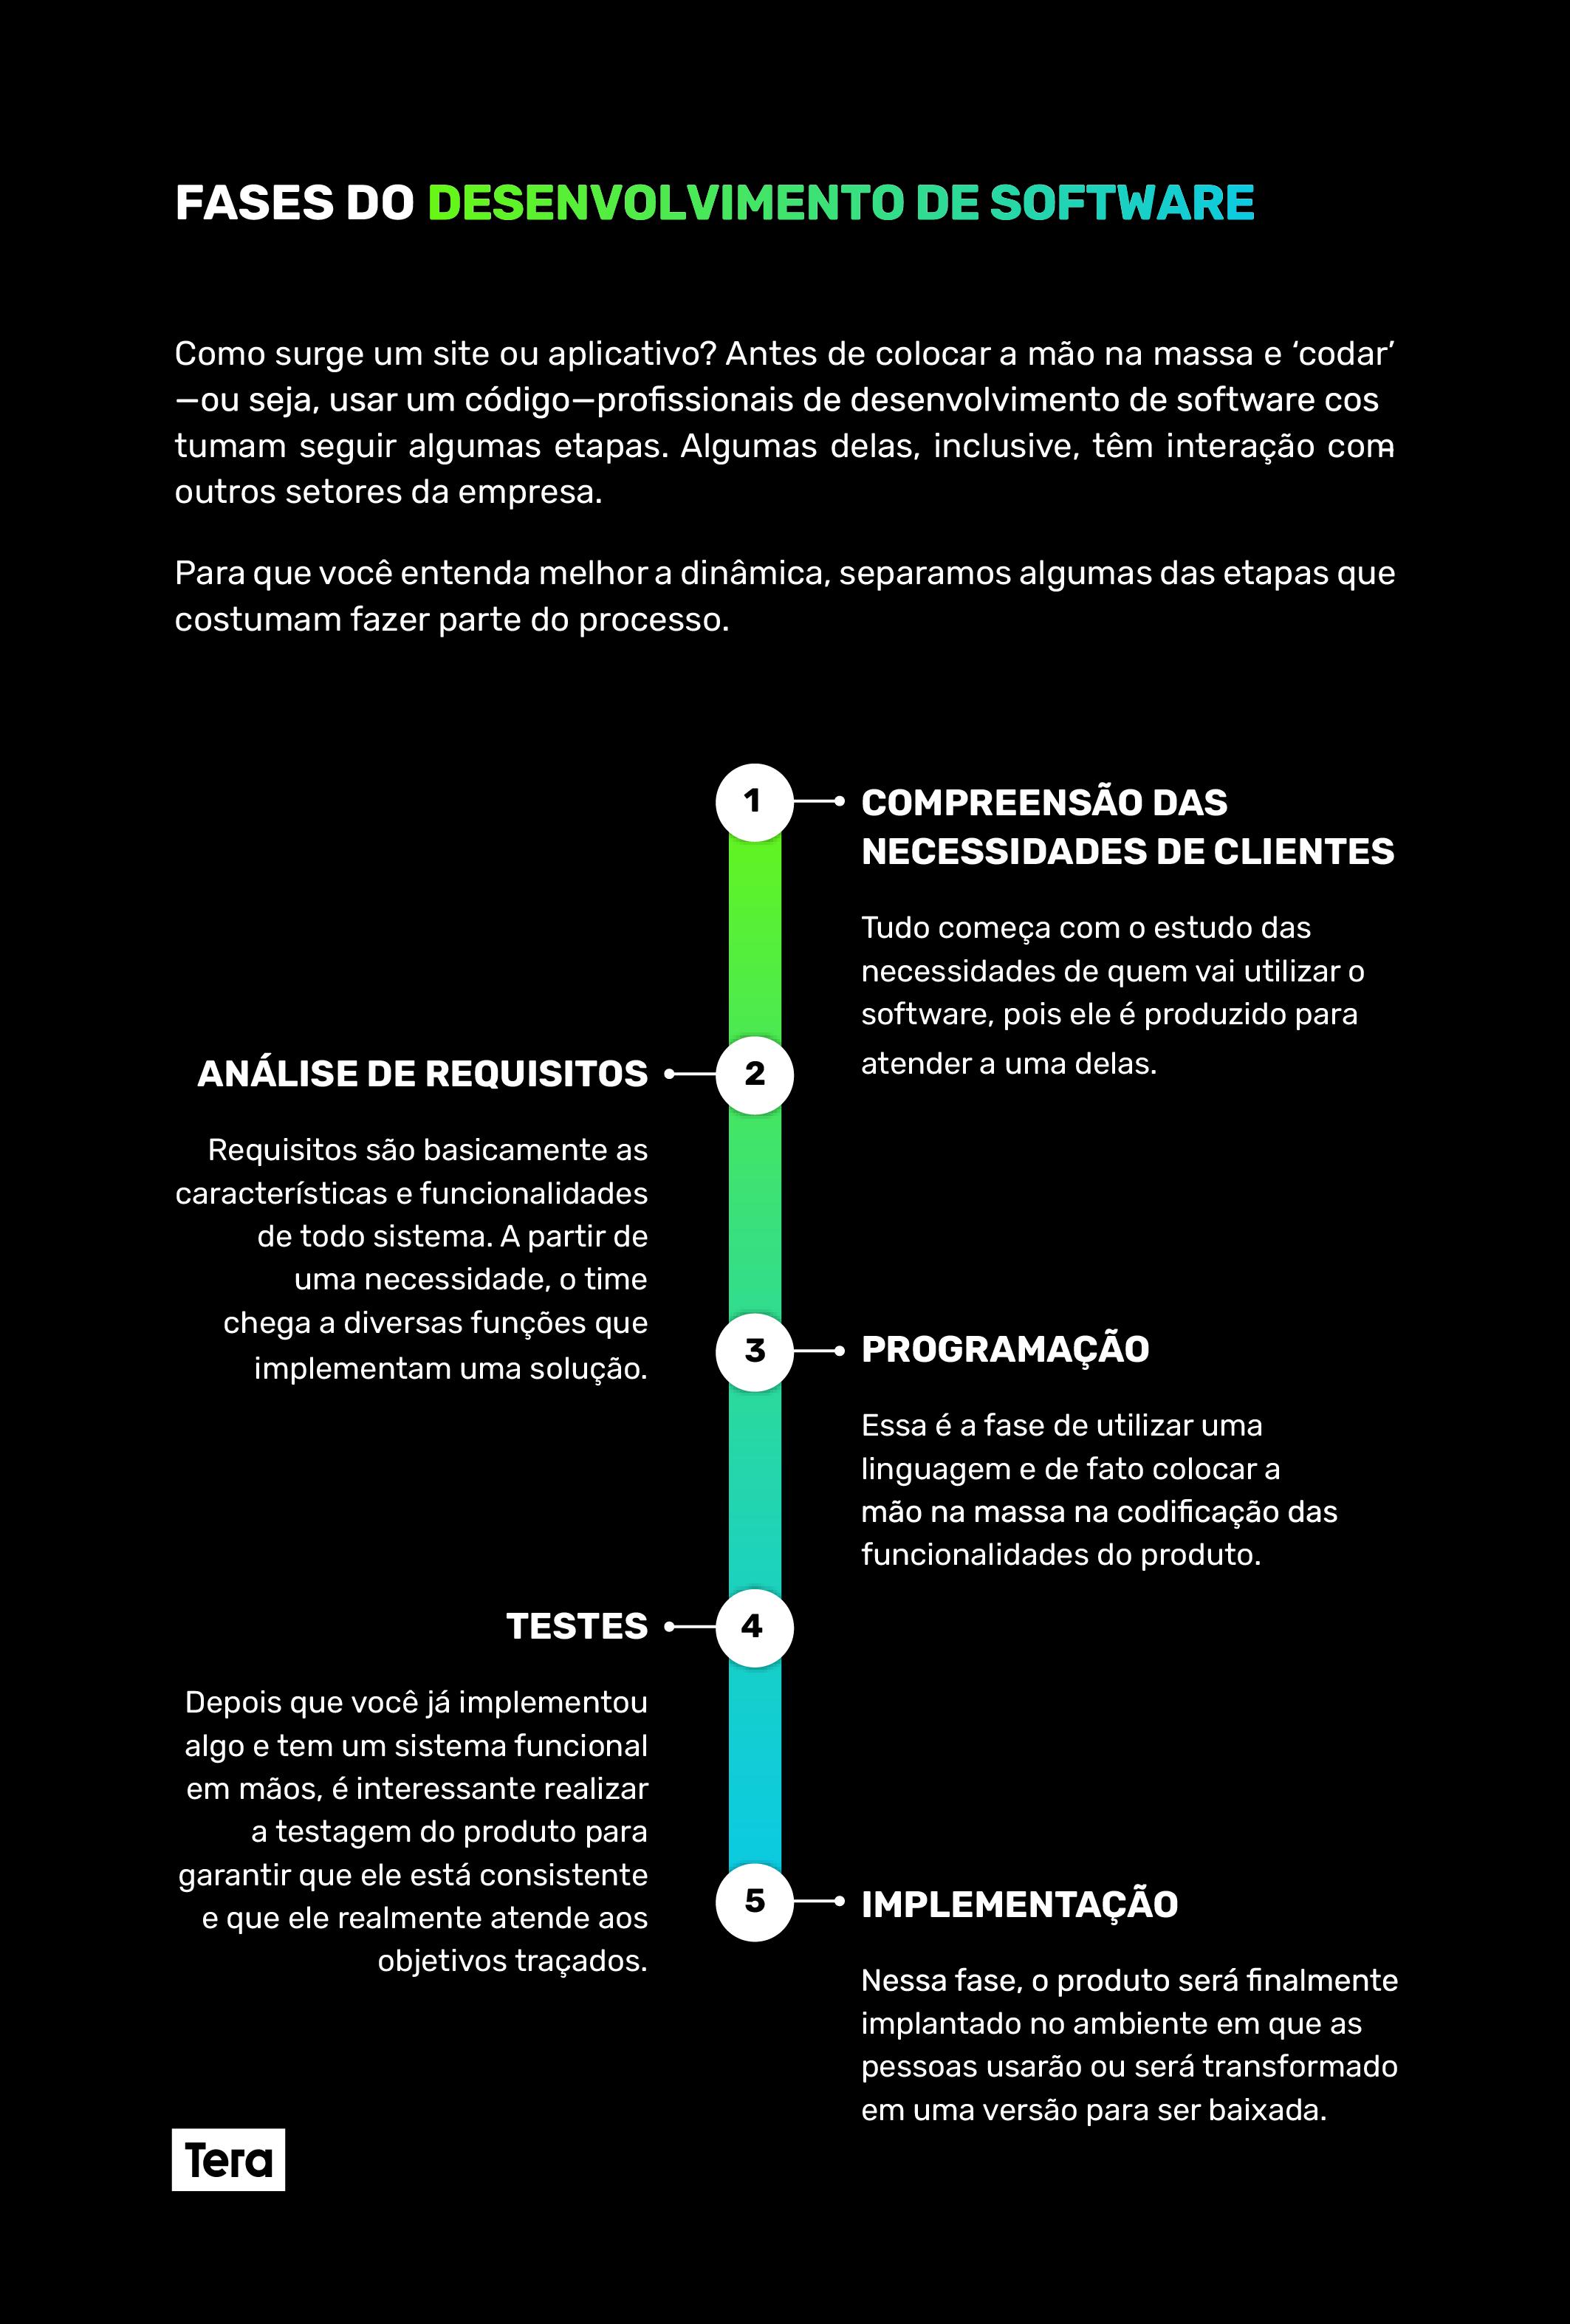 fases-do-desenvolvimento-de-software